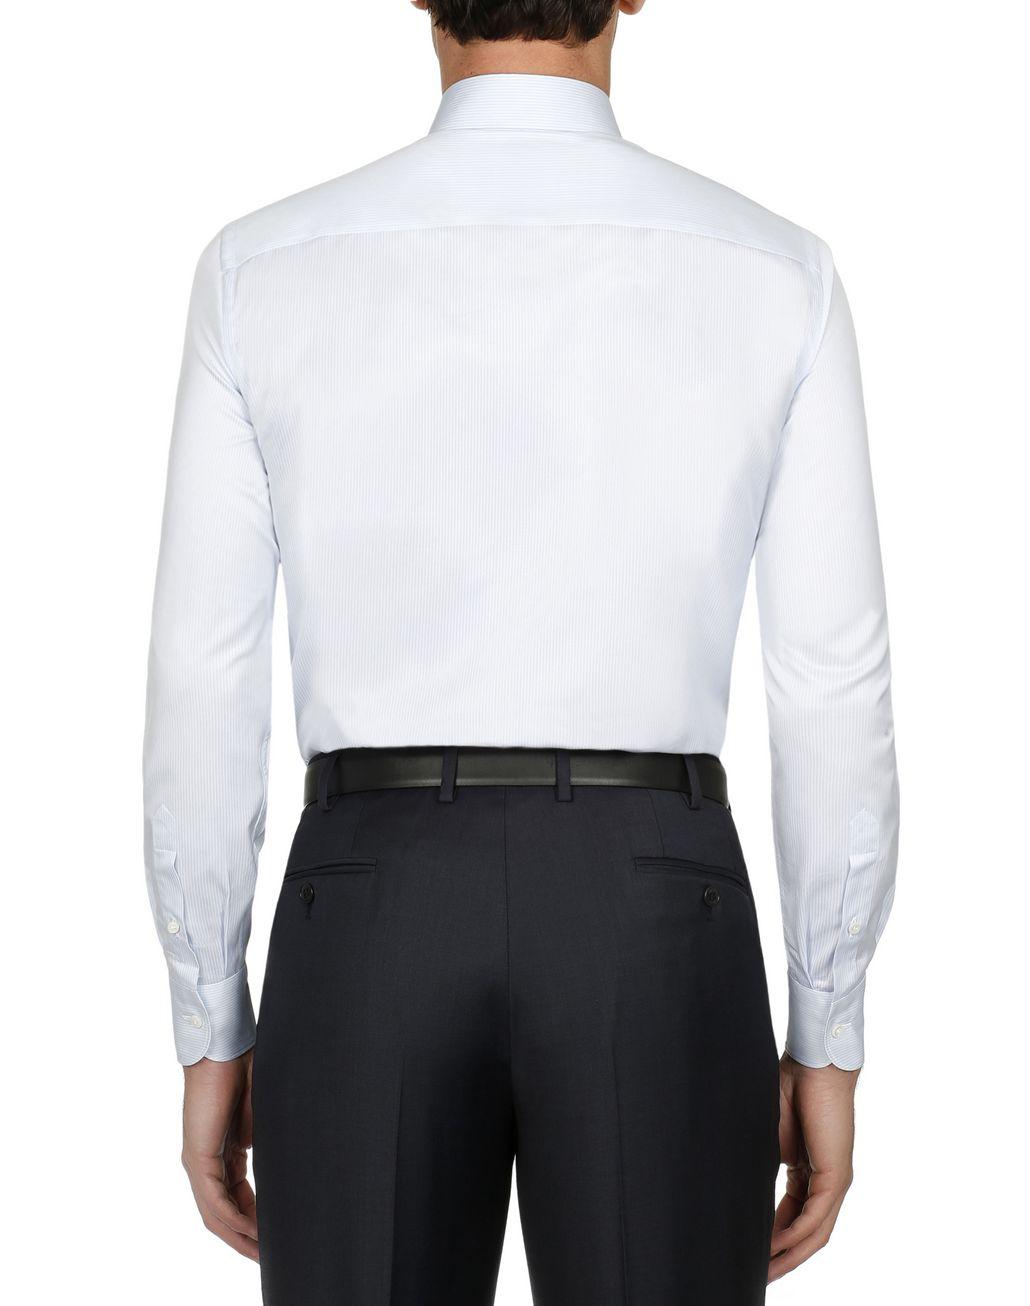 BRIONI Hemd mit Streifenmuster in Weiß und Himmelblau Elegantes Hemd [*** pickupInStoreShippingNotGuaranteed_info ***] d